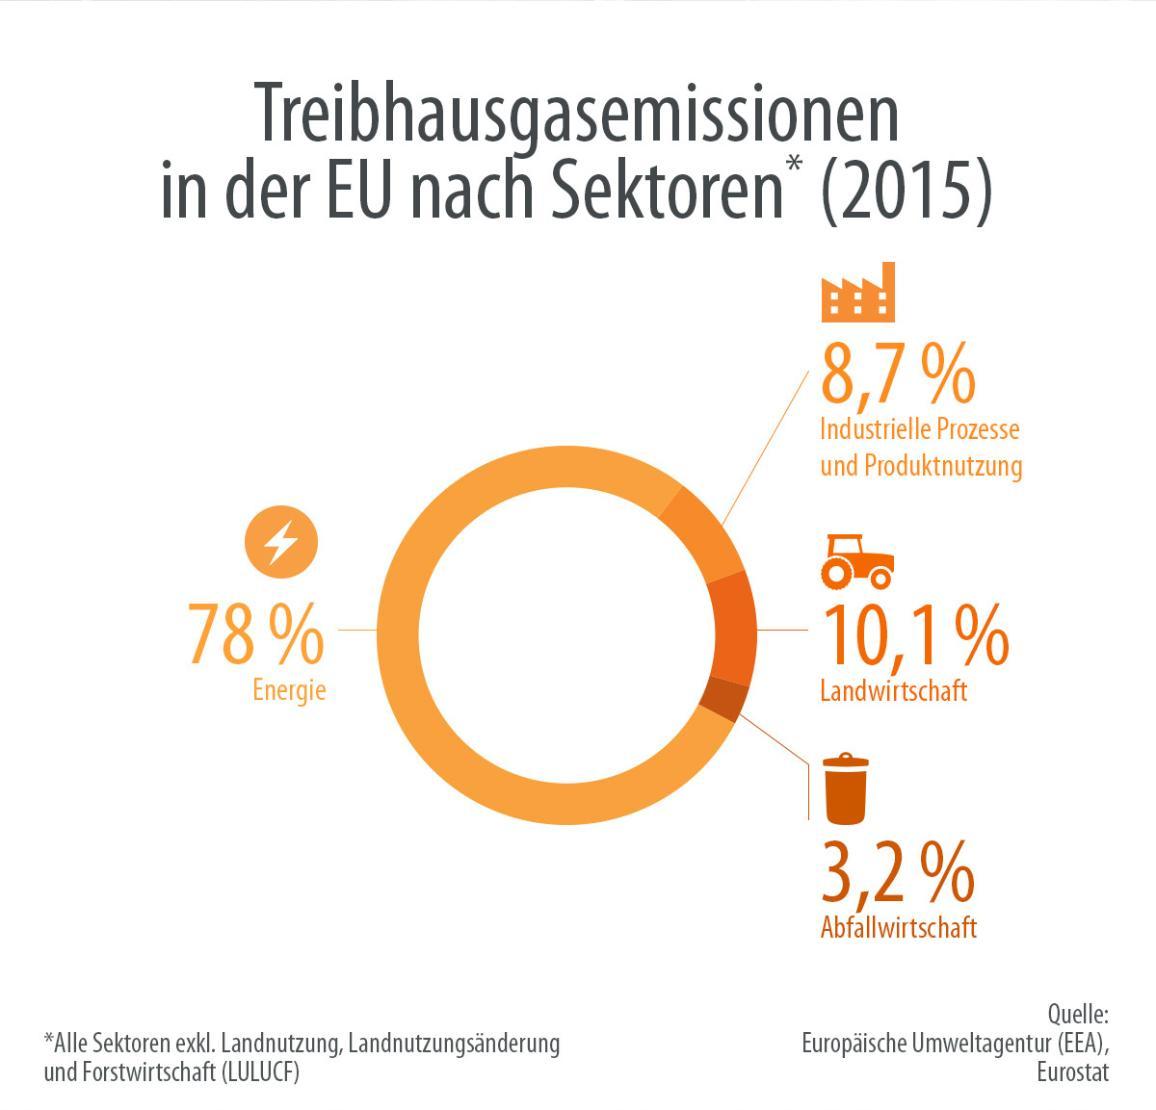 Die Grafik zeigt den Ausstoß an Treibhausgasen in der EU für 2015 nach Sektoren. Im Energiesektor werden mit 78 Prozent am meisten Treibhausgase freigesetzt